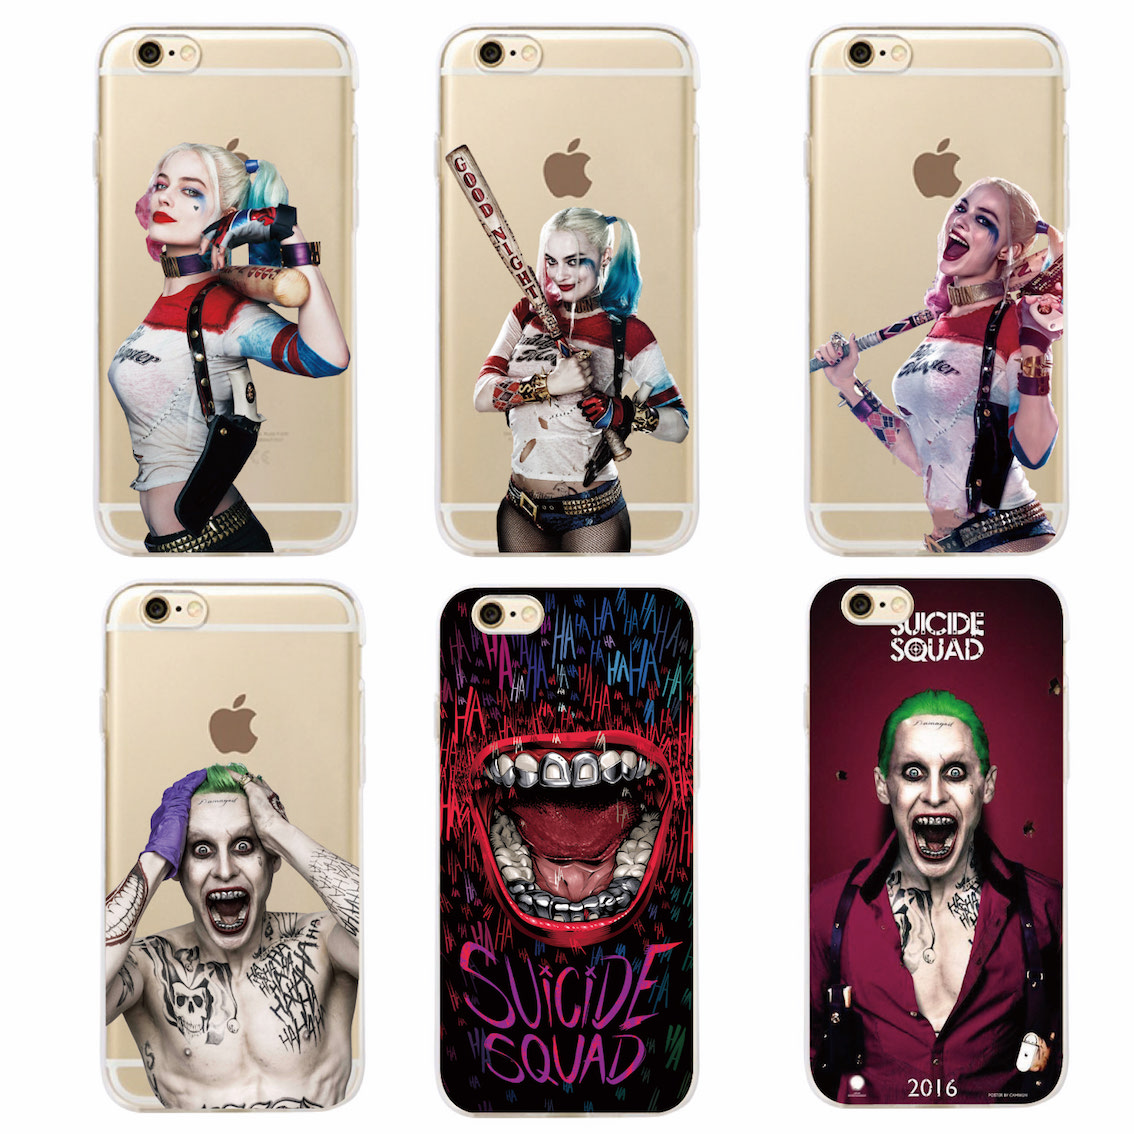 Suicide Squad Harley Quinn Jared Leto Joker Comics Movie Soft Phone Case Coque Fundas For iPhone 7 7Plus 6 6S 6Plus 5 5S SAMSUNG